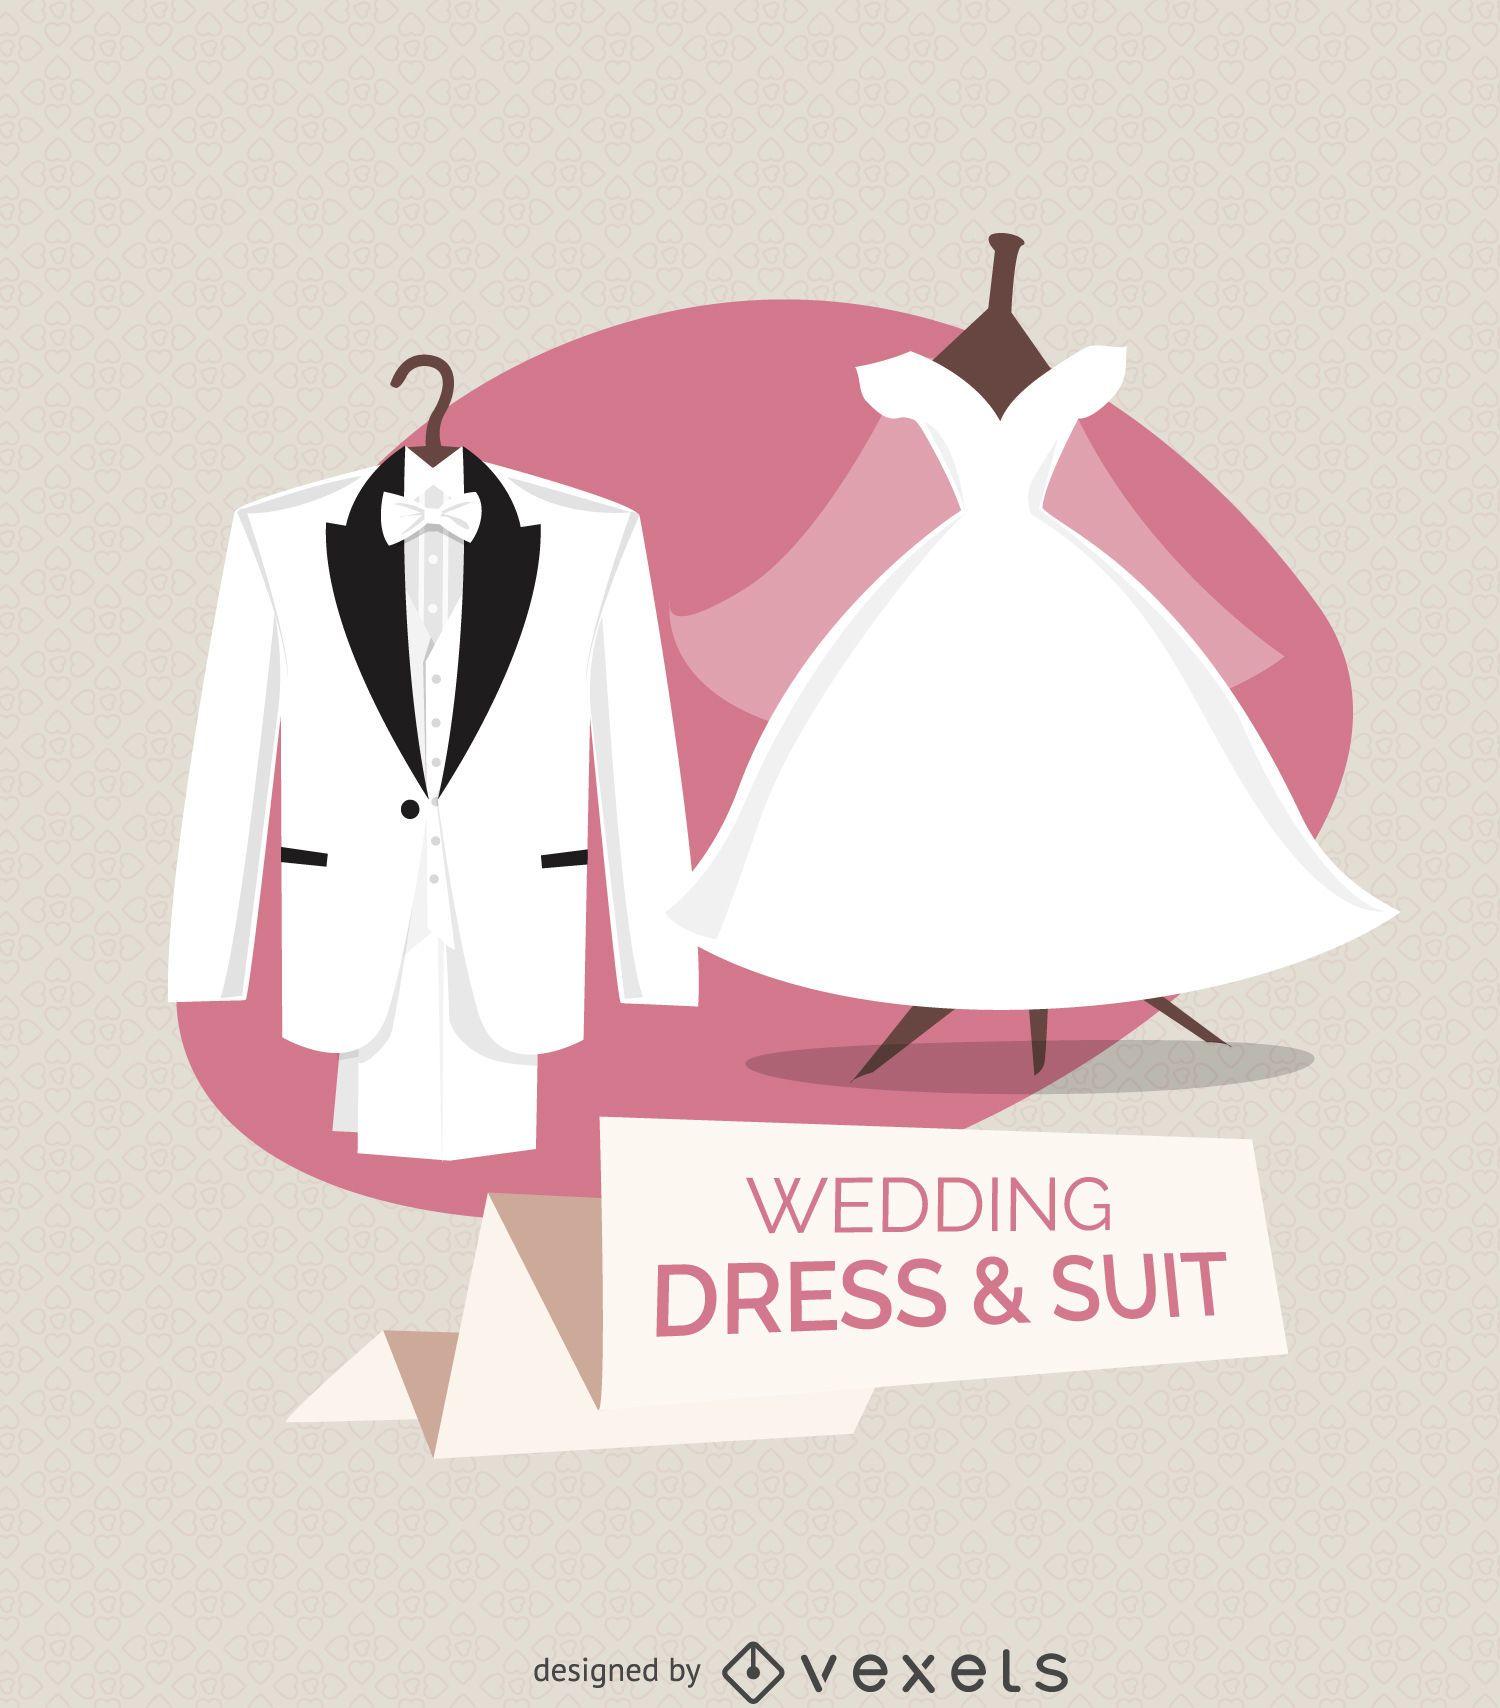 Ilustraci?n de vestido y traje de novia